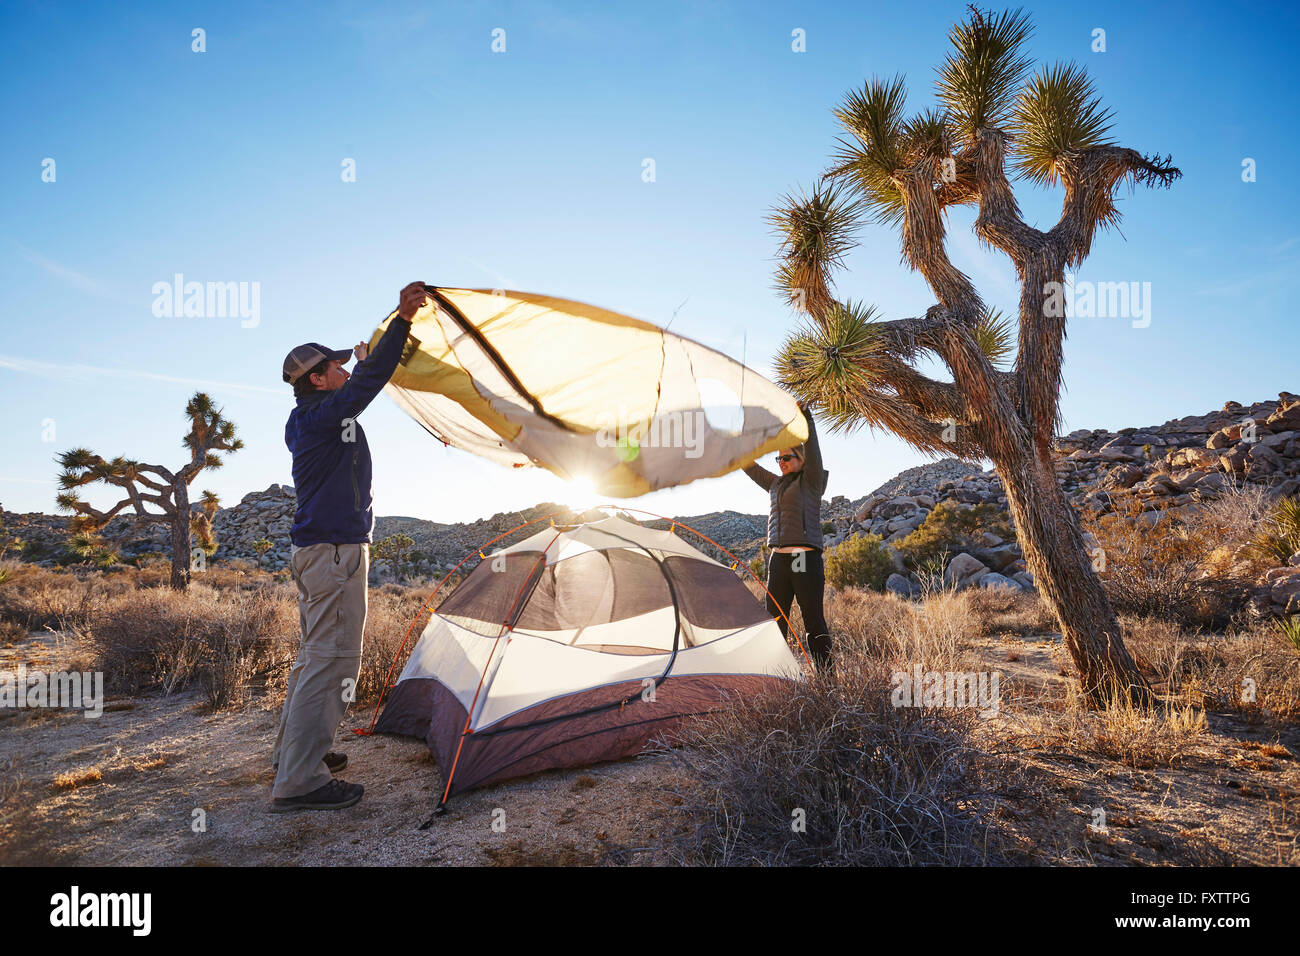 Camper montaggio tenda, Joshua Tree National Park, California Immagini Stock